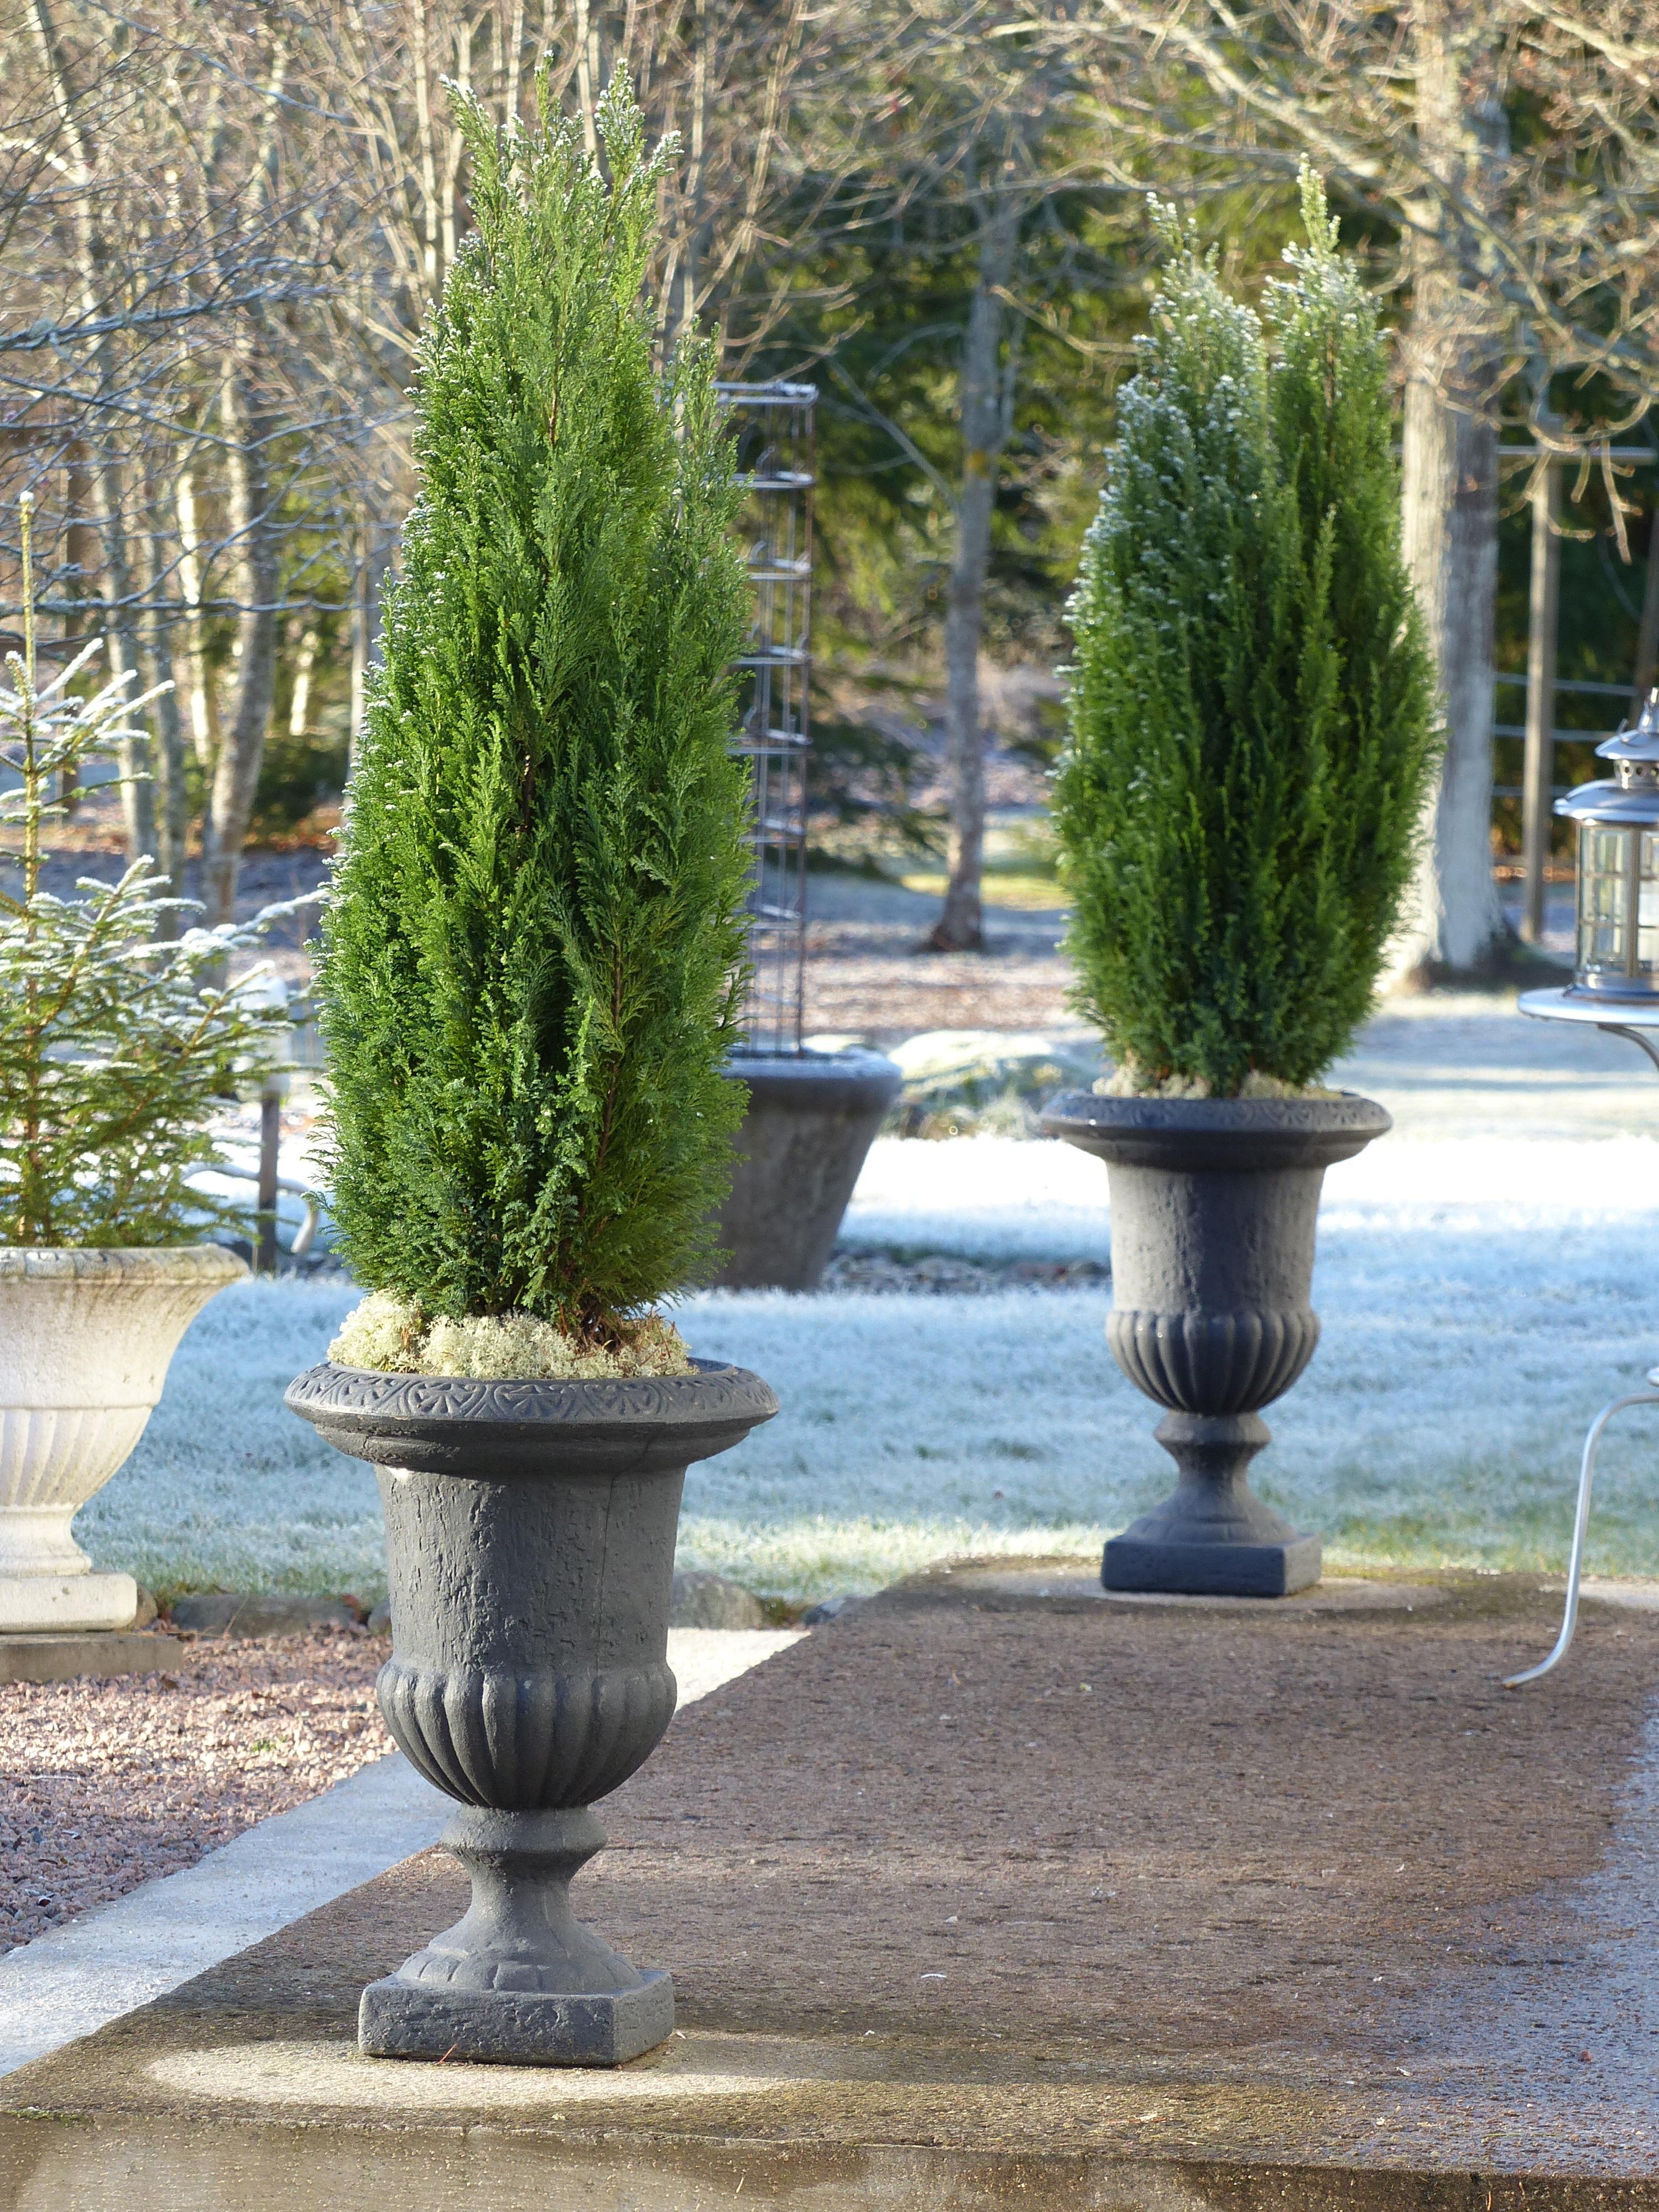 Arbre En Pot Hiver images gratuites : arbre, hiver, plante, gel, escalier, vert